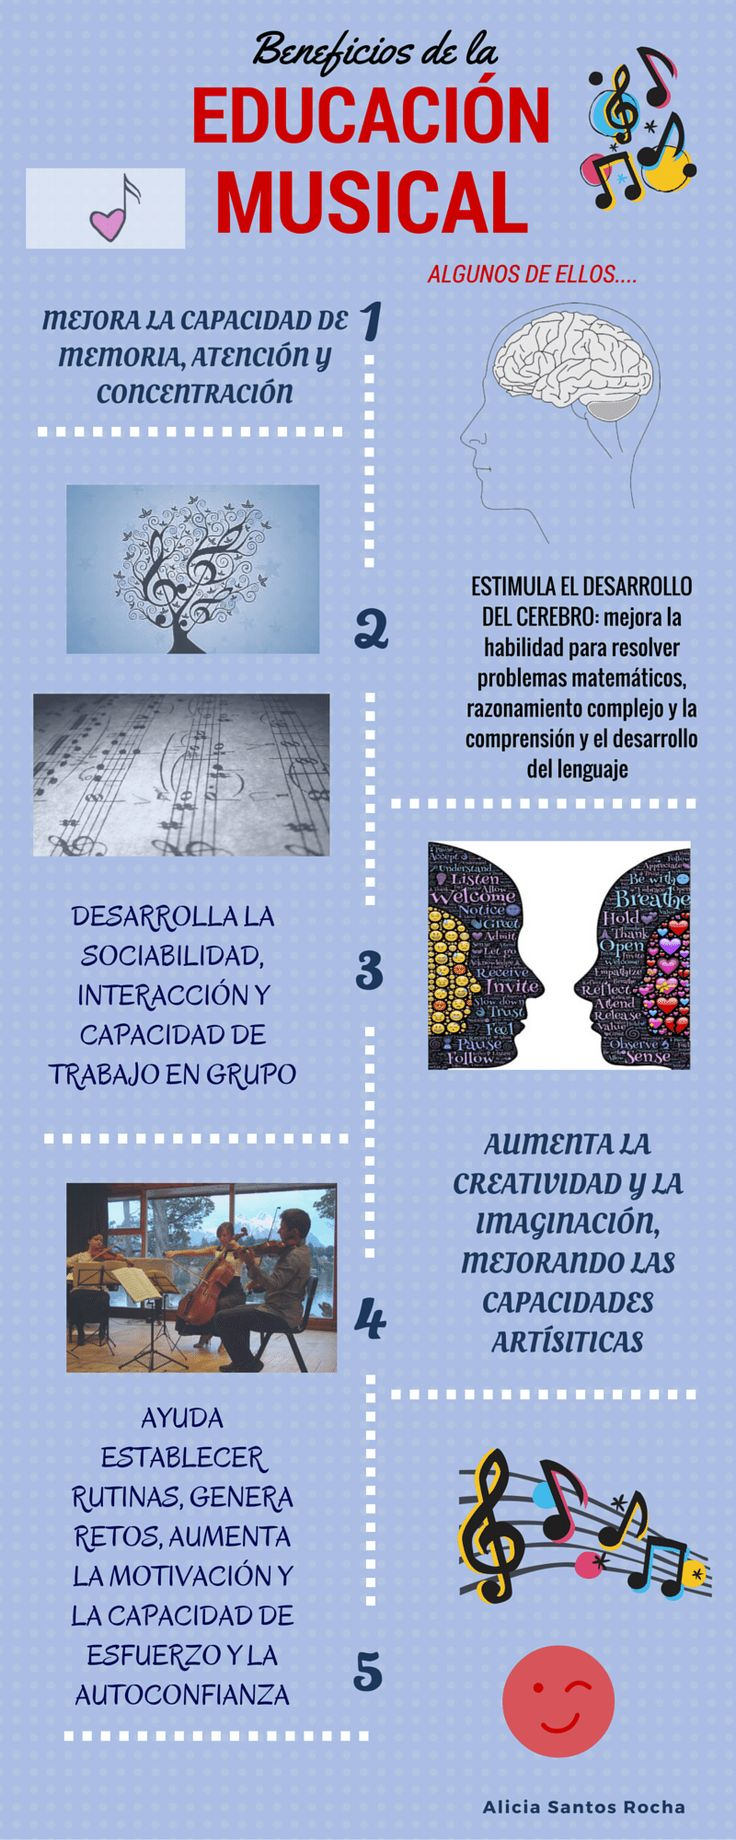 EDUCACIÓN MUSICAL Beneficios de la                                ALGUNOS DE ELLOS.... 1 MEJORA LA CAPACIDAD DE MEMORIA, ATENCIÓN Y CONCENTRACIÓN 2 ESTIMULA EL DESARR...